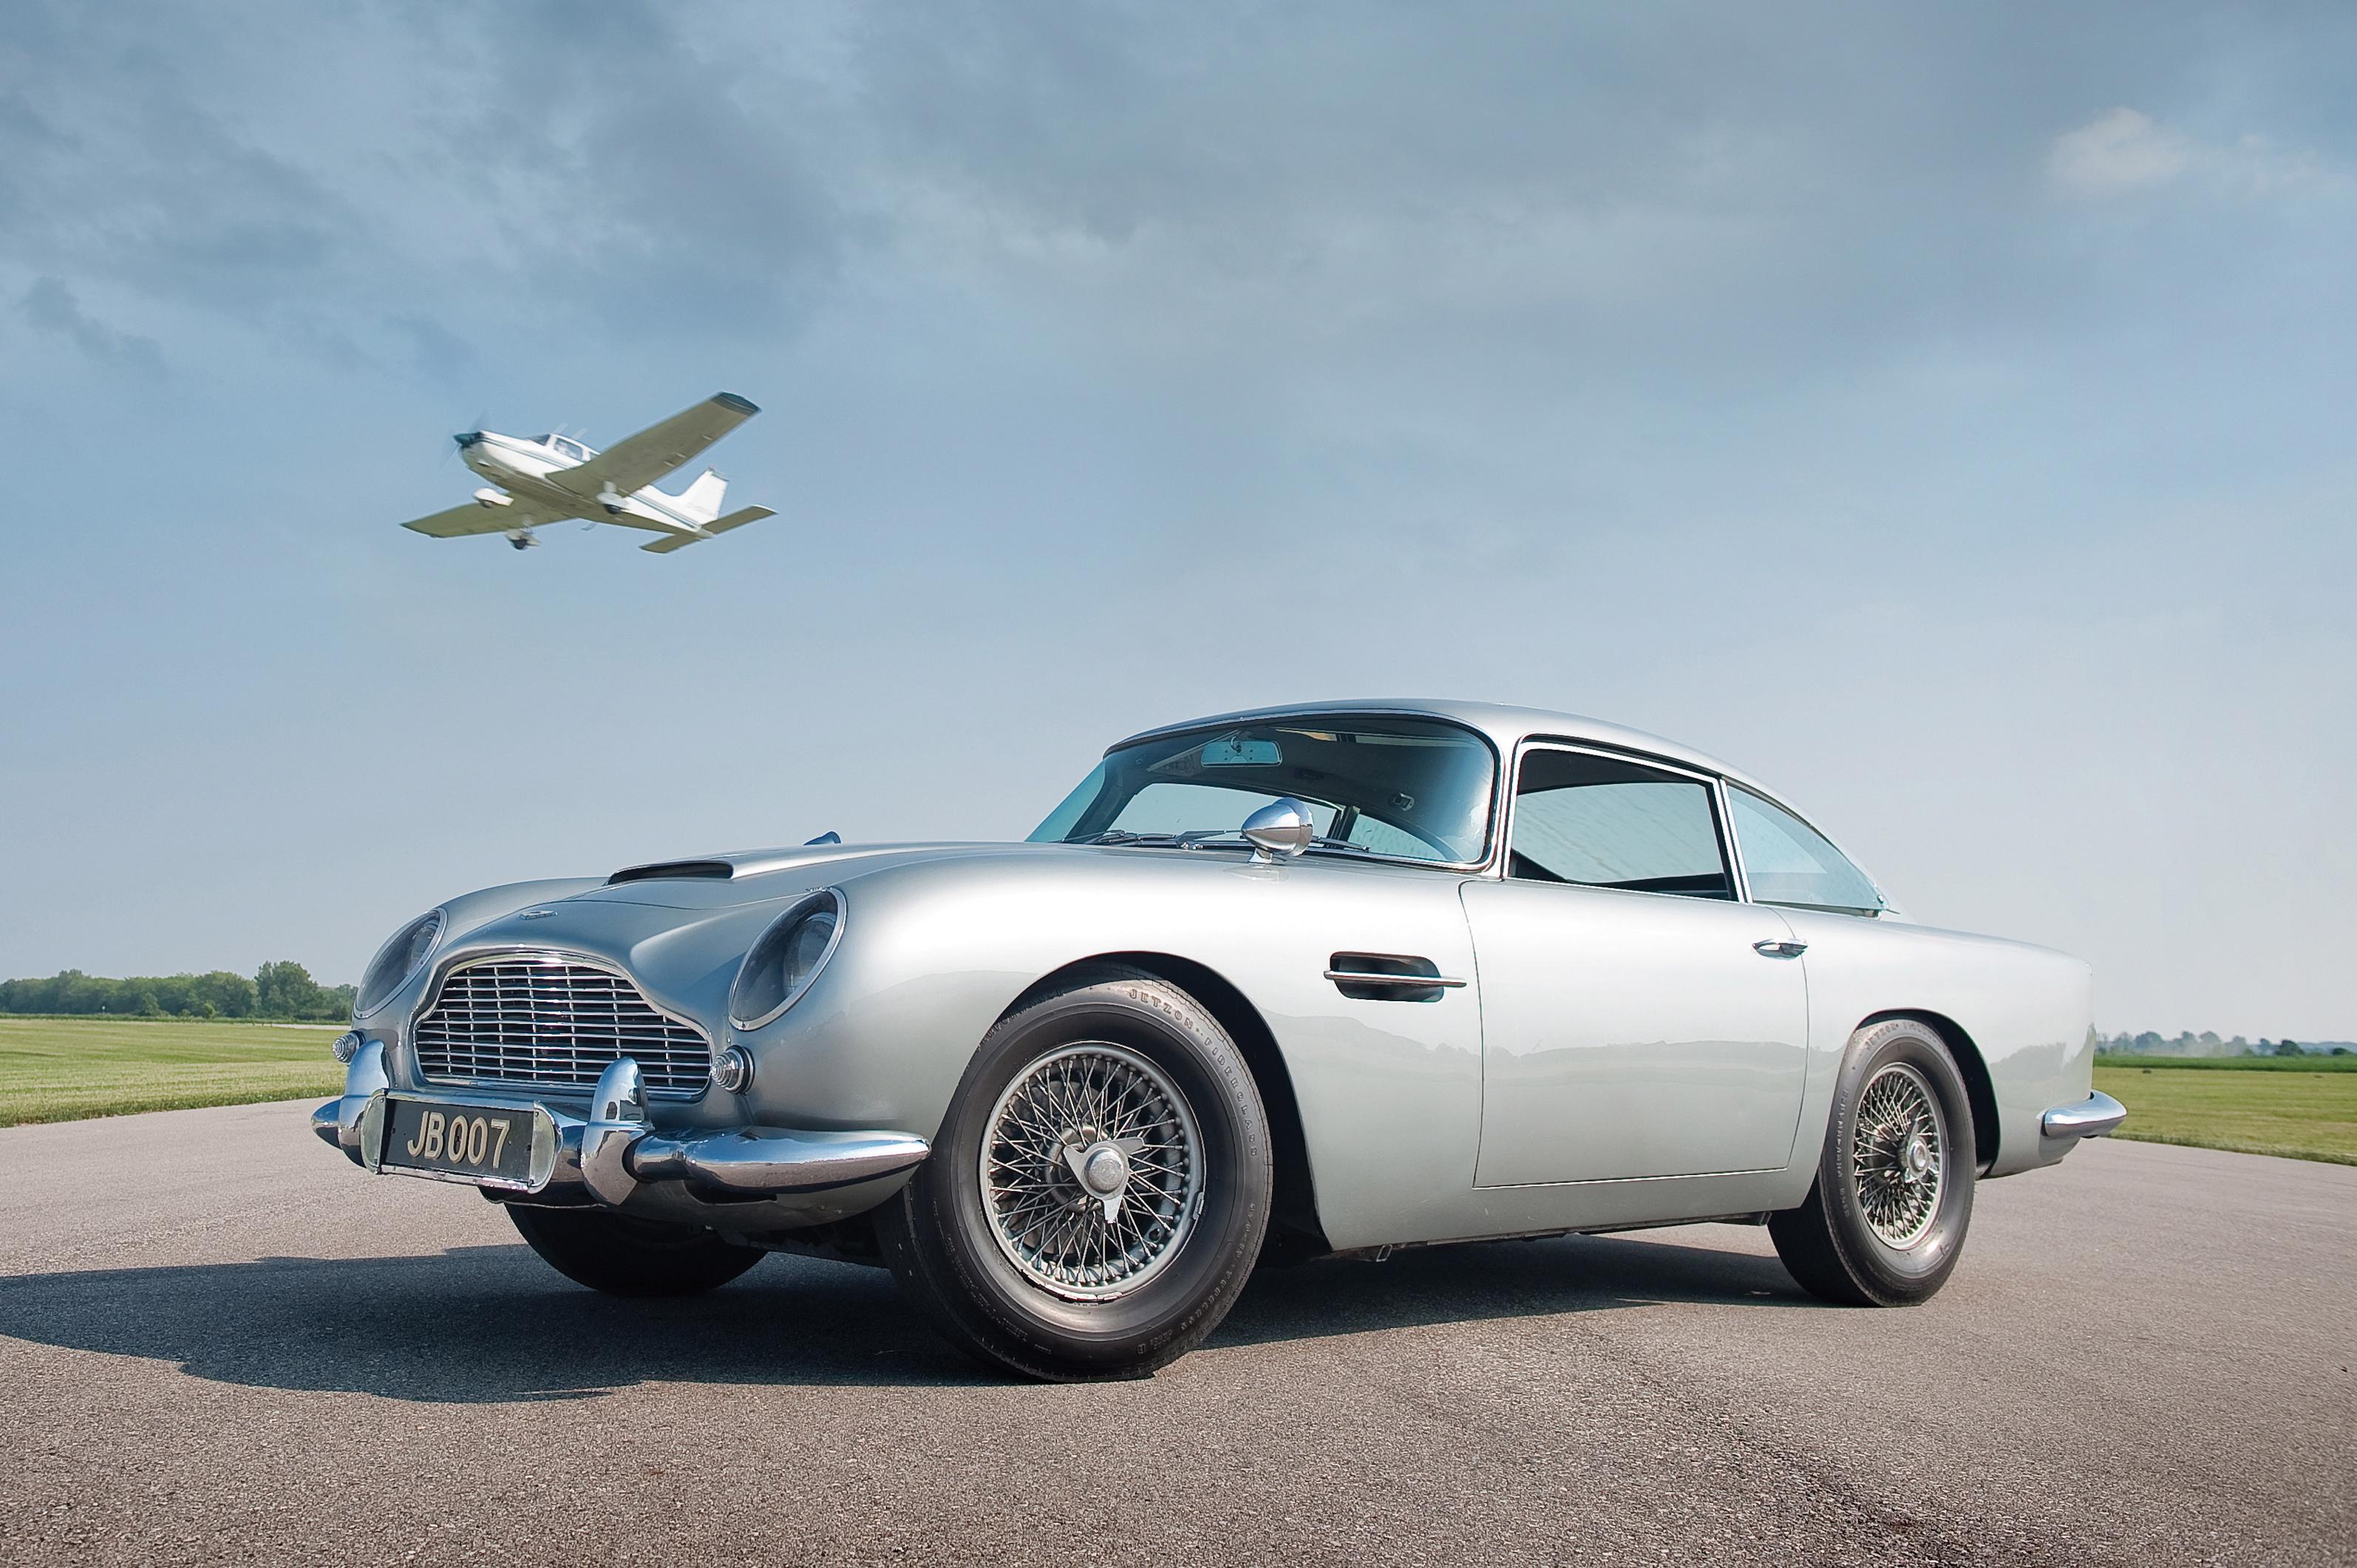 Супер возилата на Агент 007 в изложба